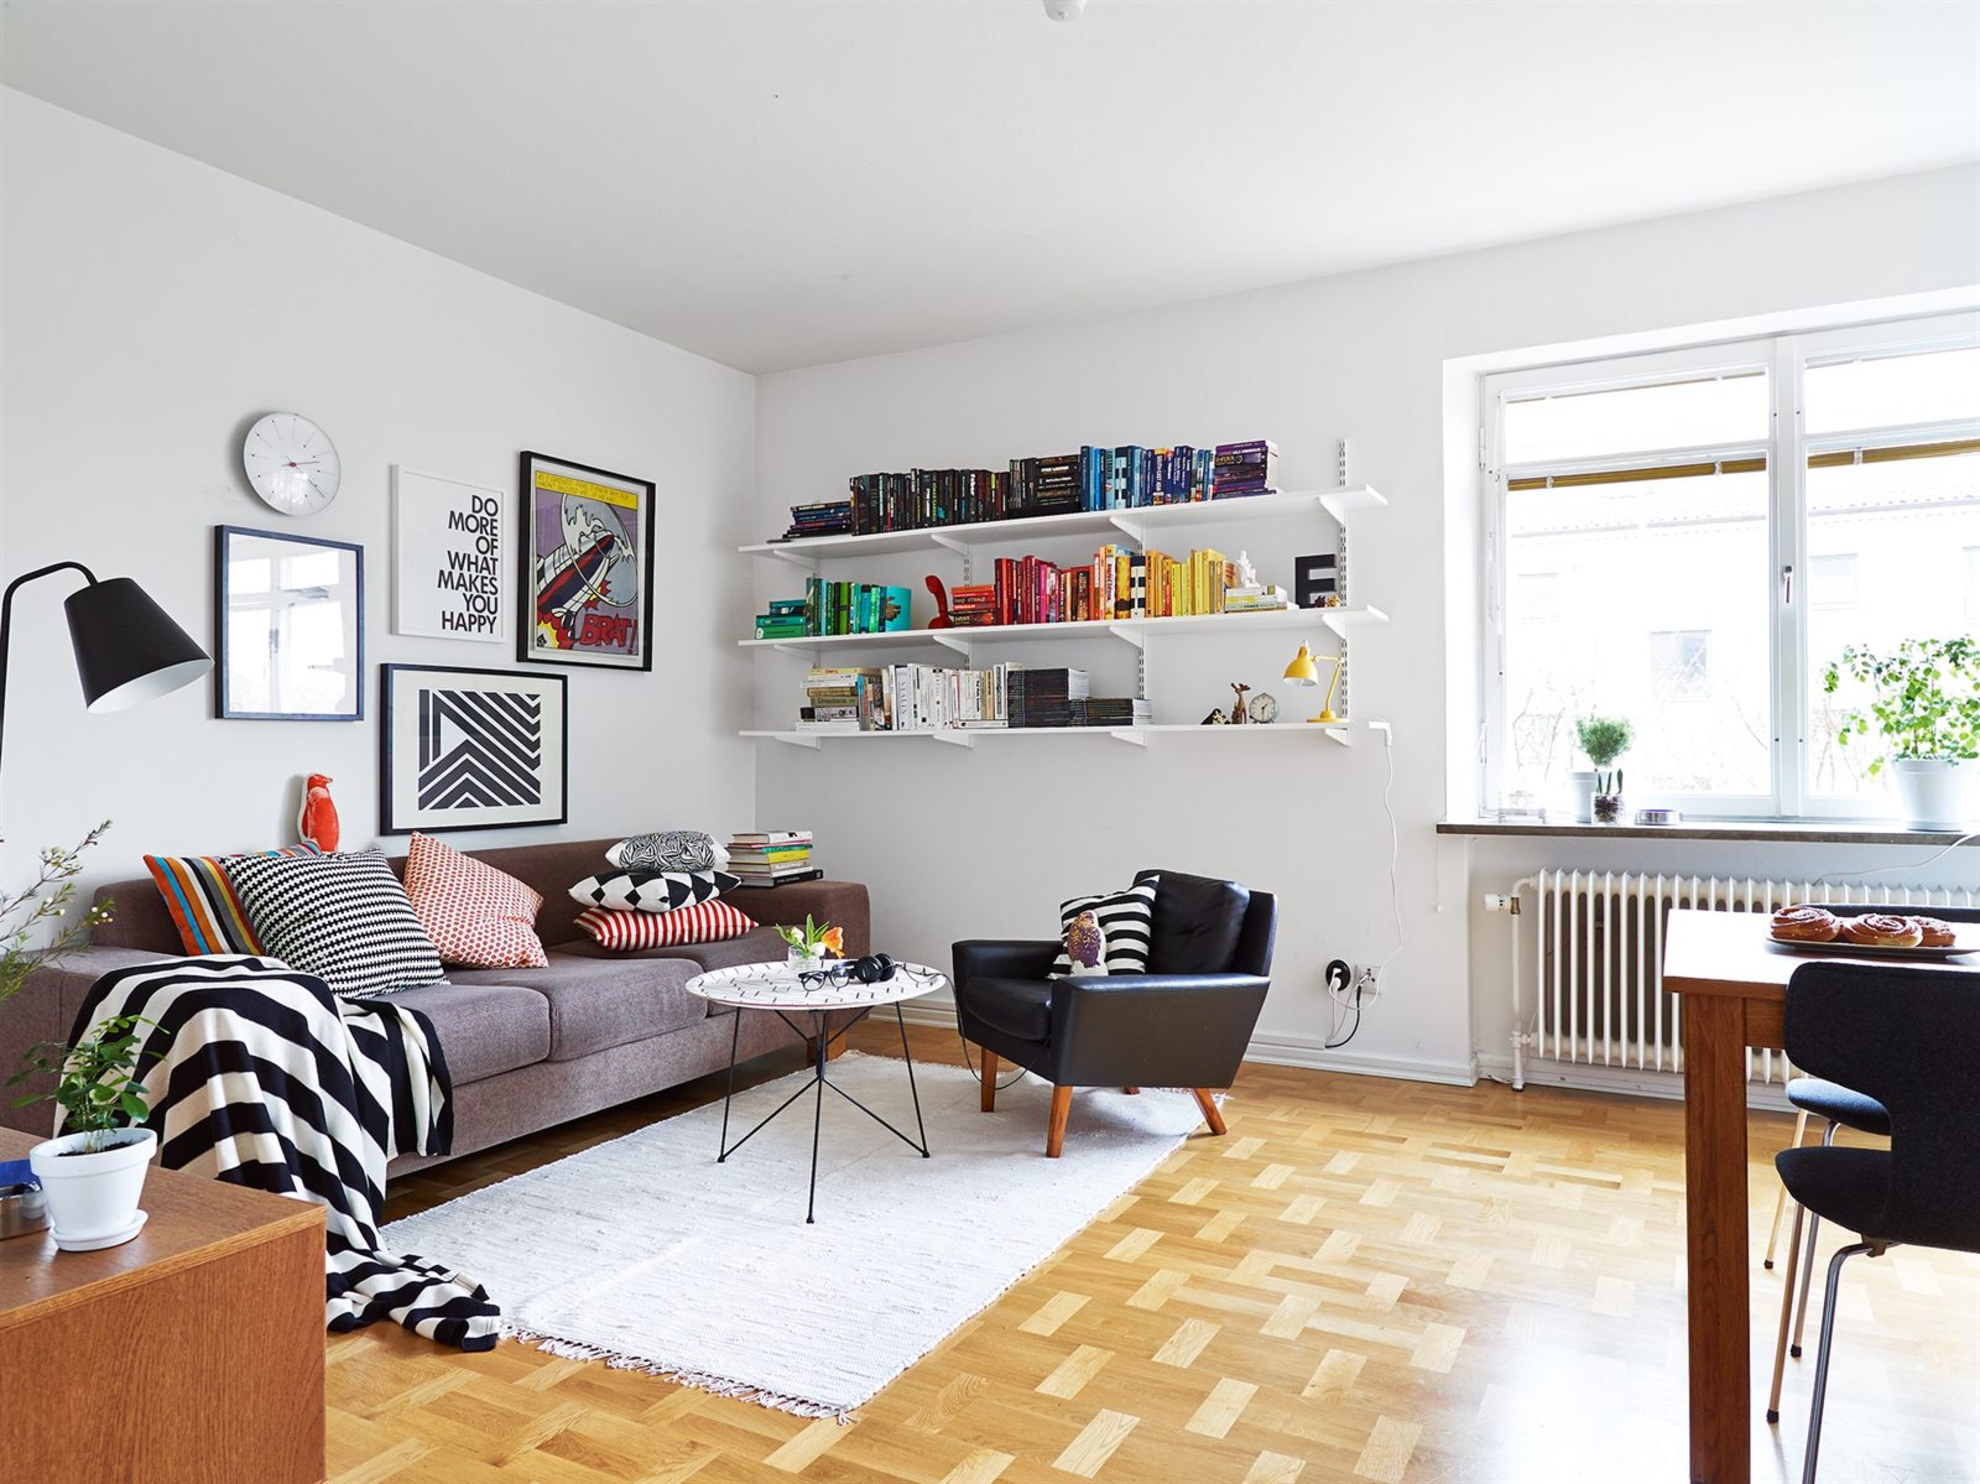 8 Desain Interior Rumah Mungil Yang Nggak Menguras Budget